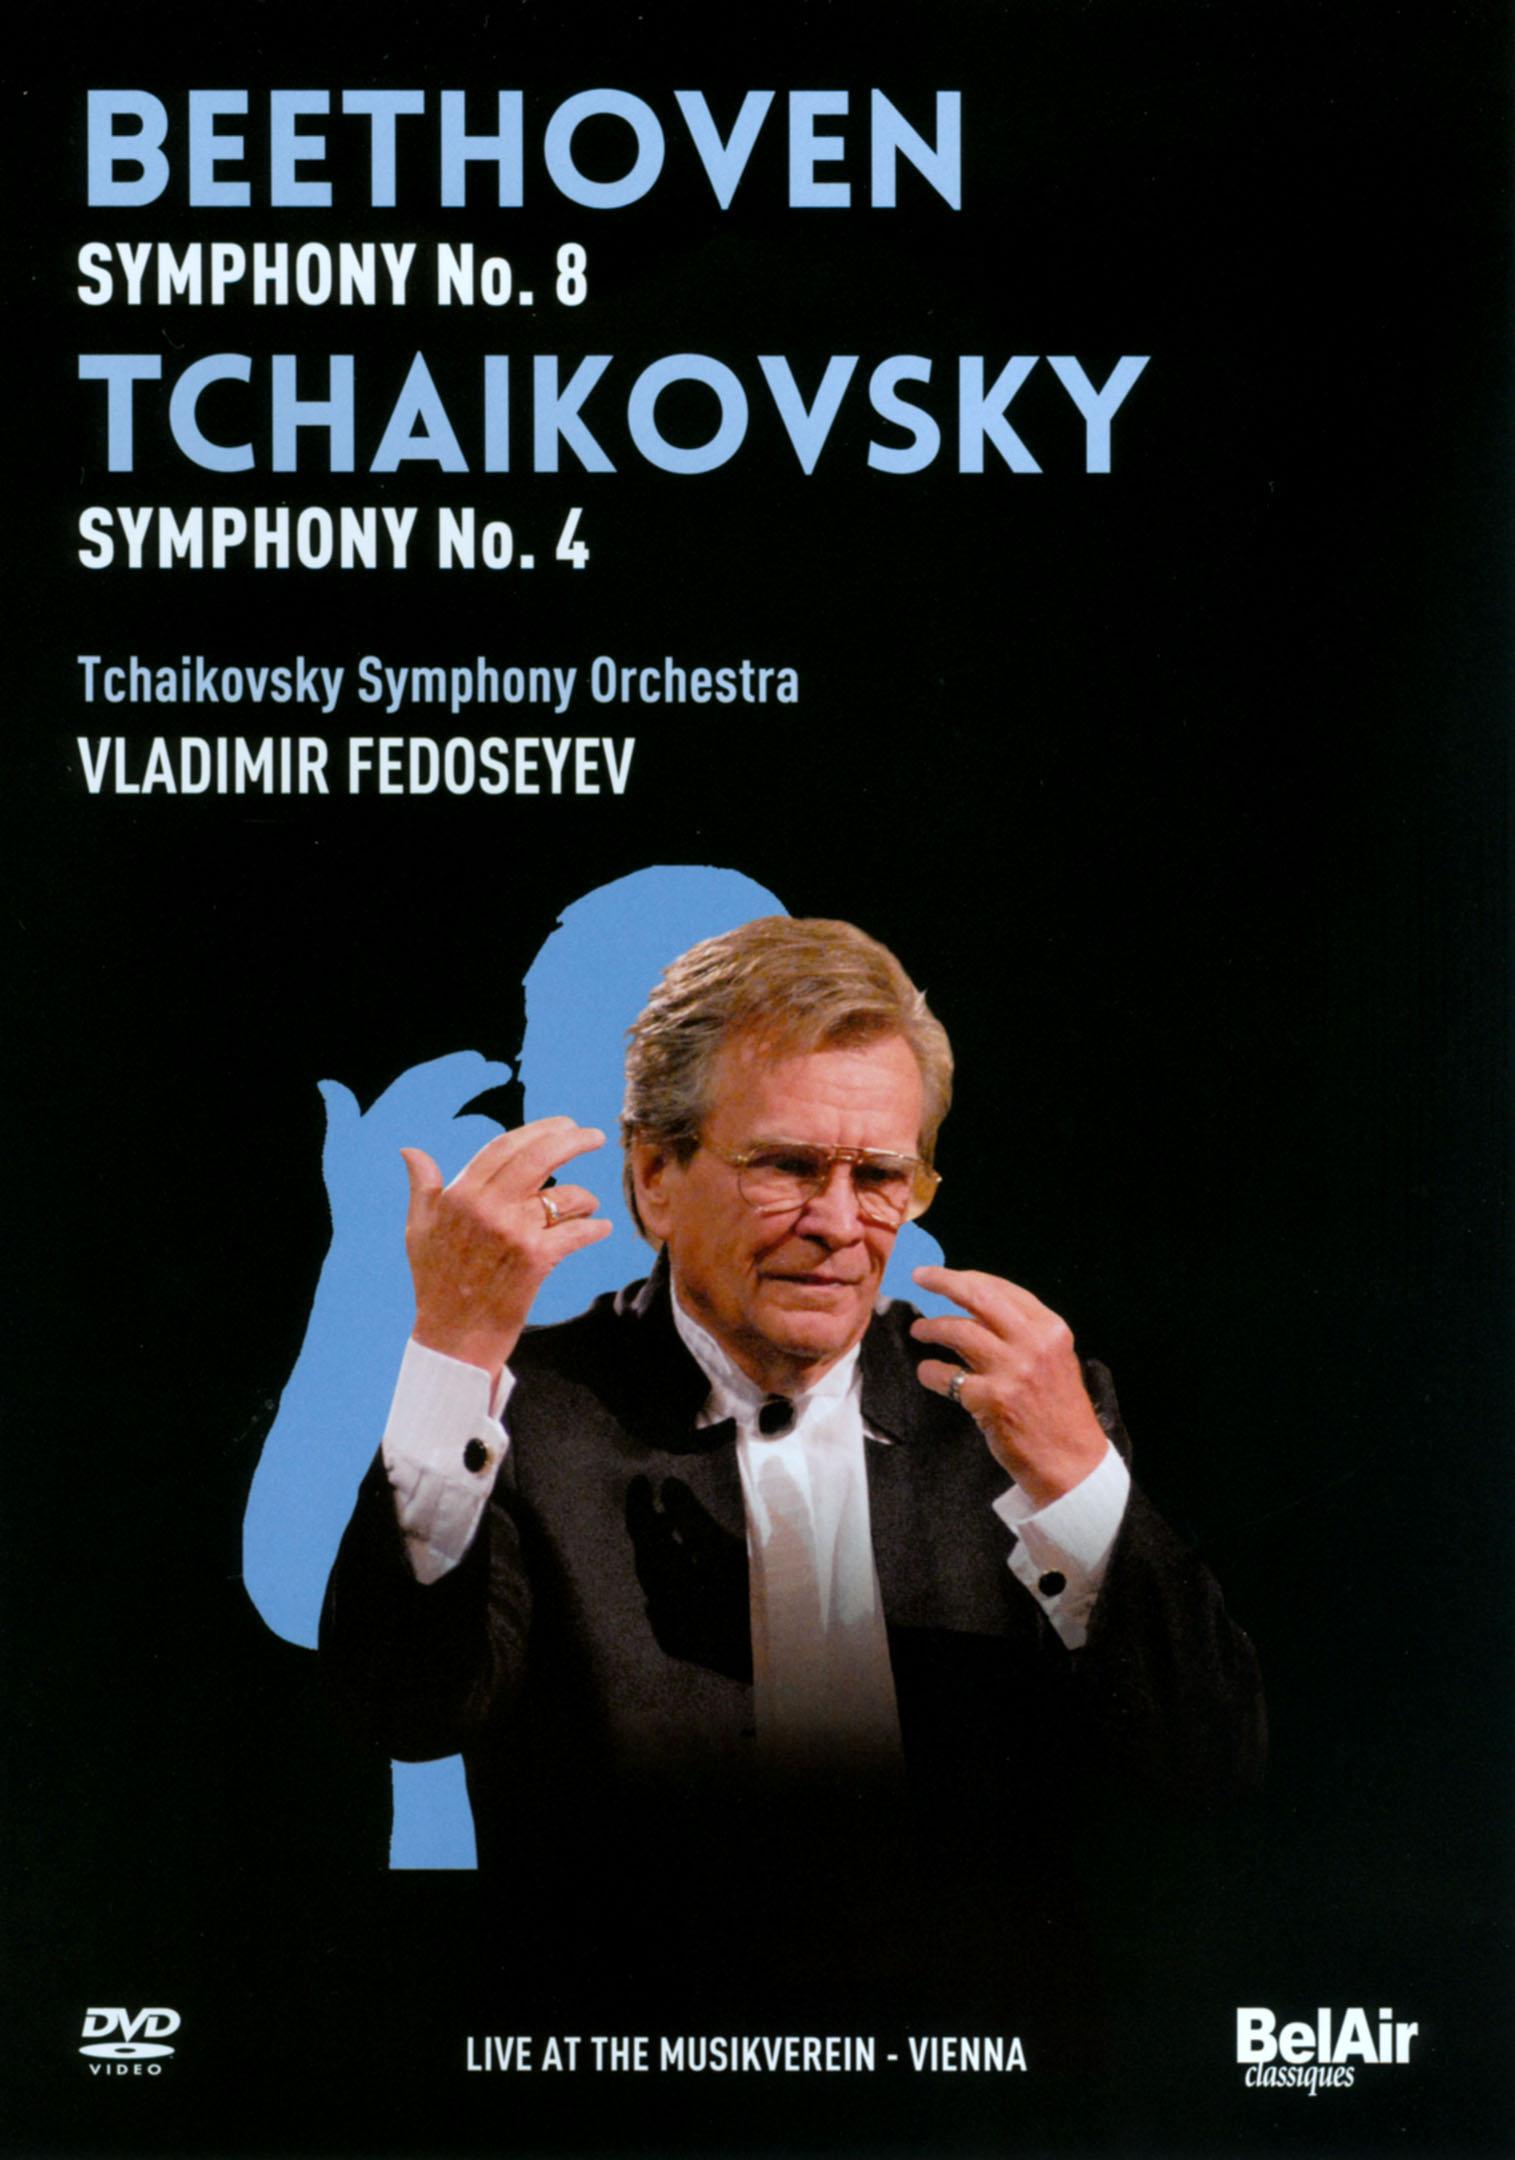 Tchaikovsky Symphony Orchestra/Vladmiir Fedoseyev: Beethoven - Symphony No. 8/Tchaikovsky - Symphony